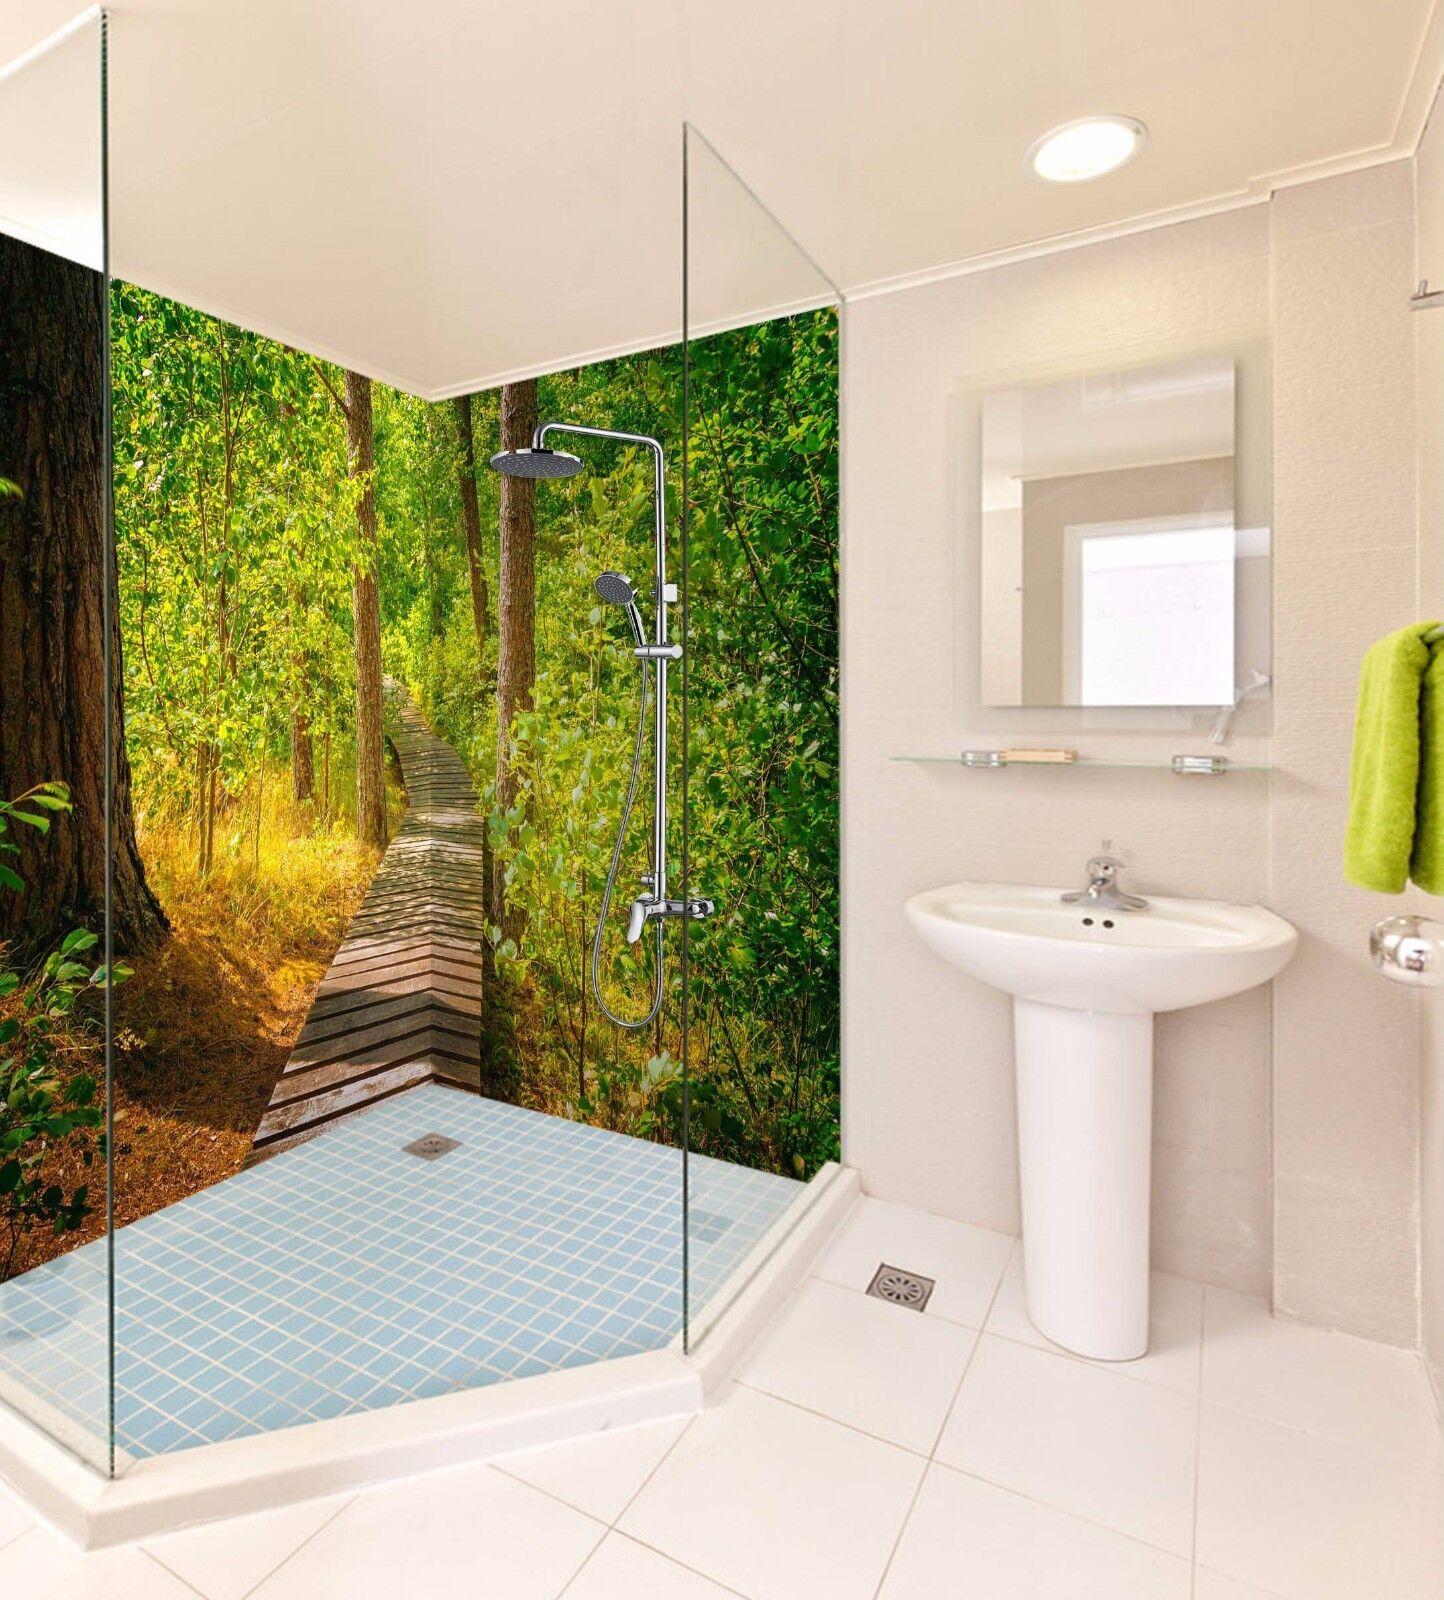 3D Forest Bridge Leaf WallPaper Bathroom Print Decal Wall Deco AJ WALLPAPER UK